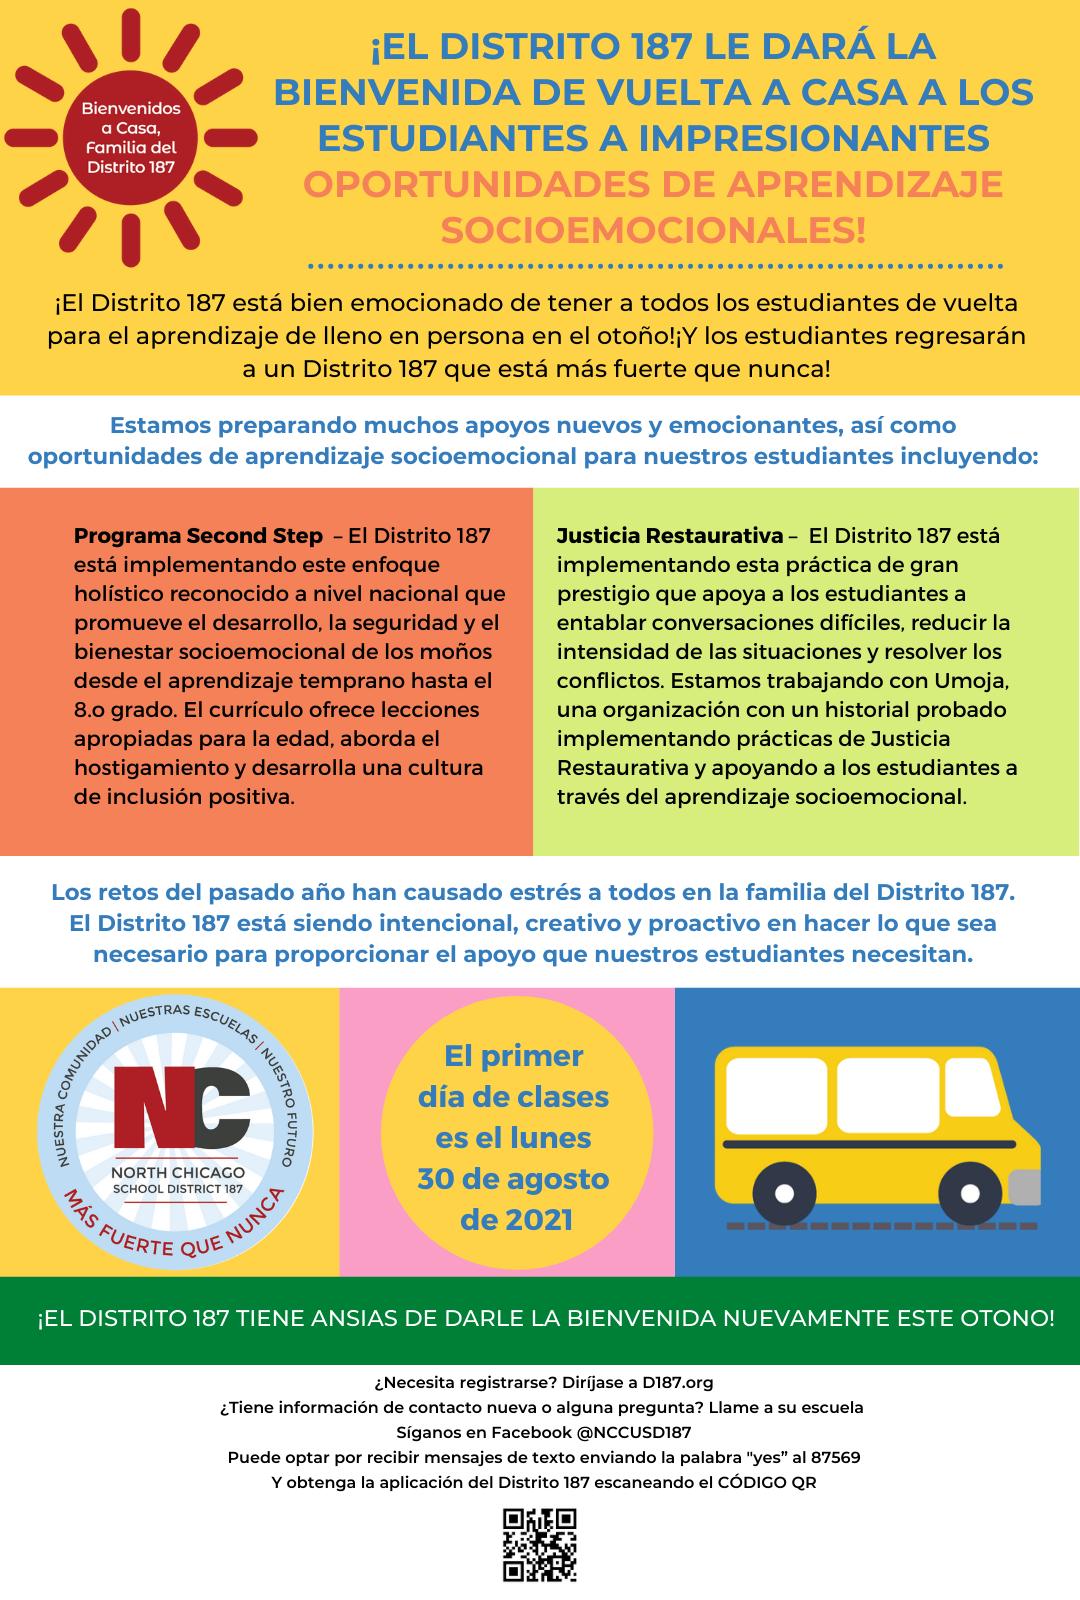 ¡EL D187 DARÁ LA BIENVENIDA A LOS ESTUDIANTES EN CASA CON IMPRESIONANTES OPORTUNIDADES EDUCATIVAS!